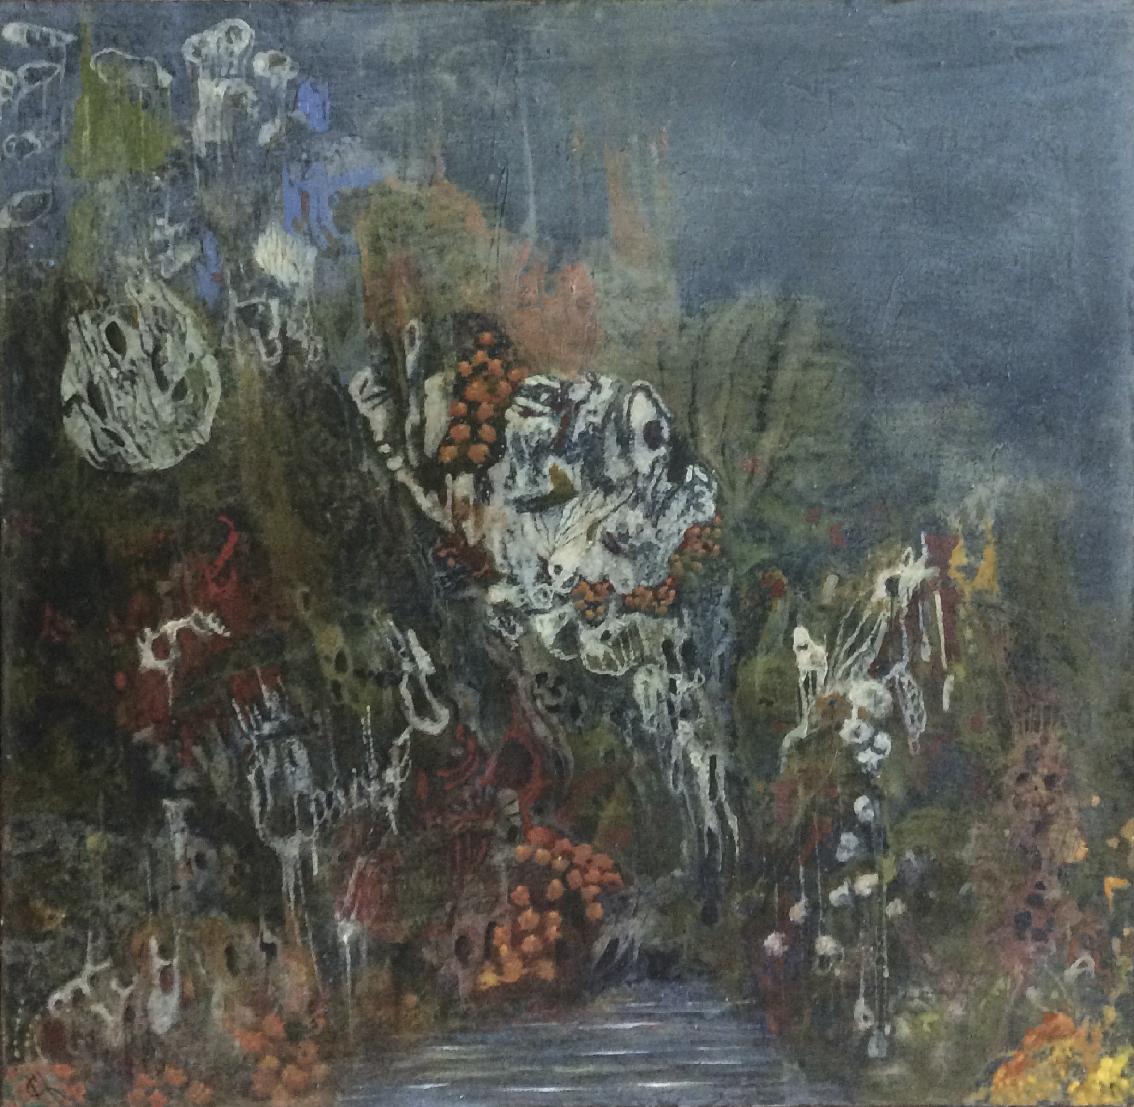 Jardin d'eau 60 x 60